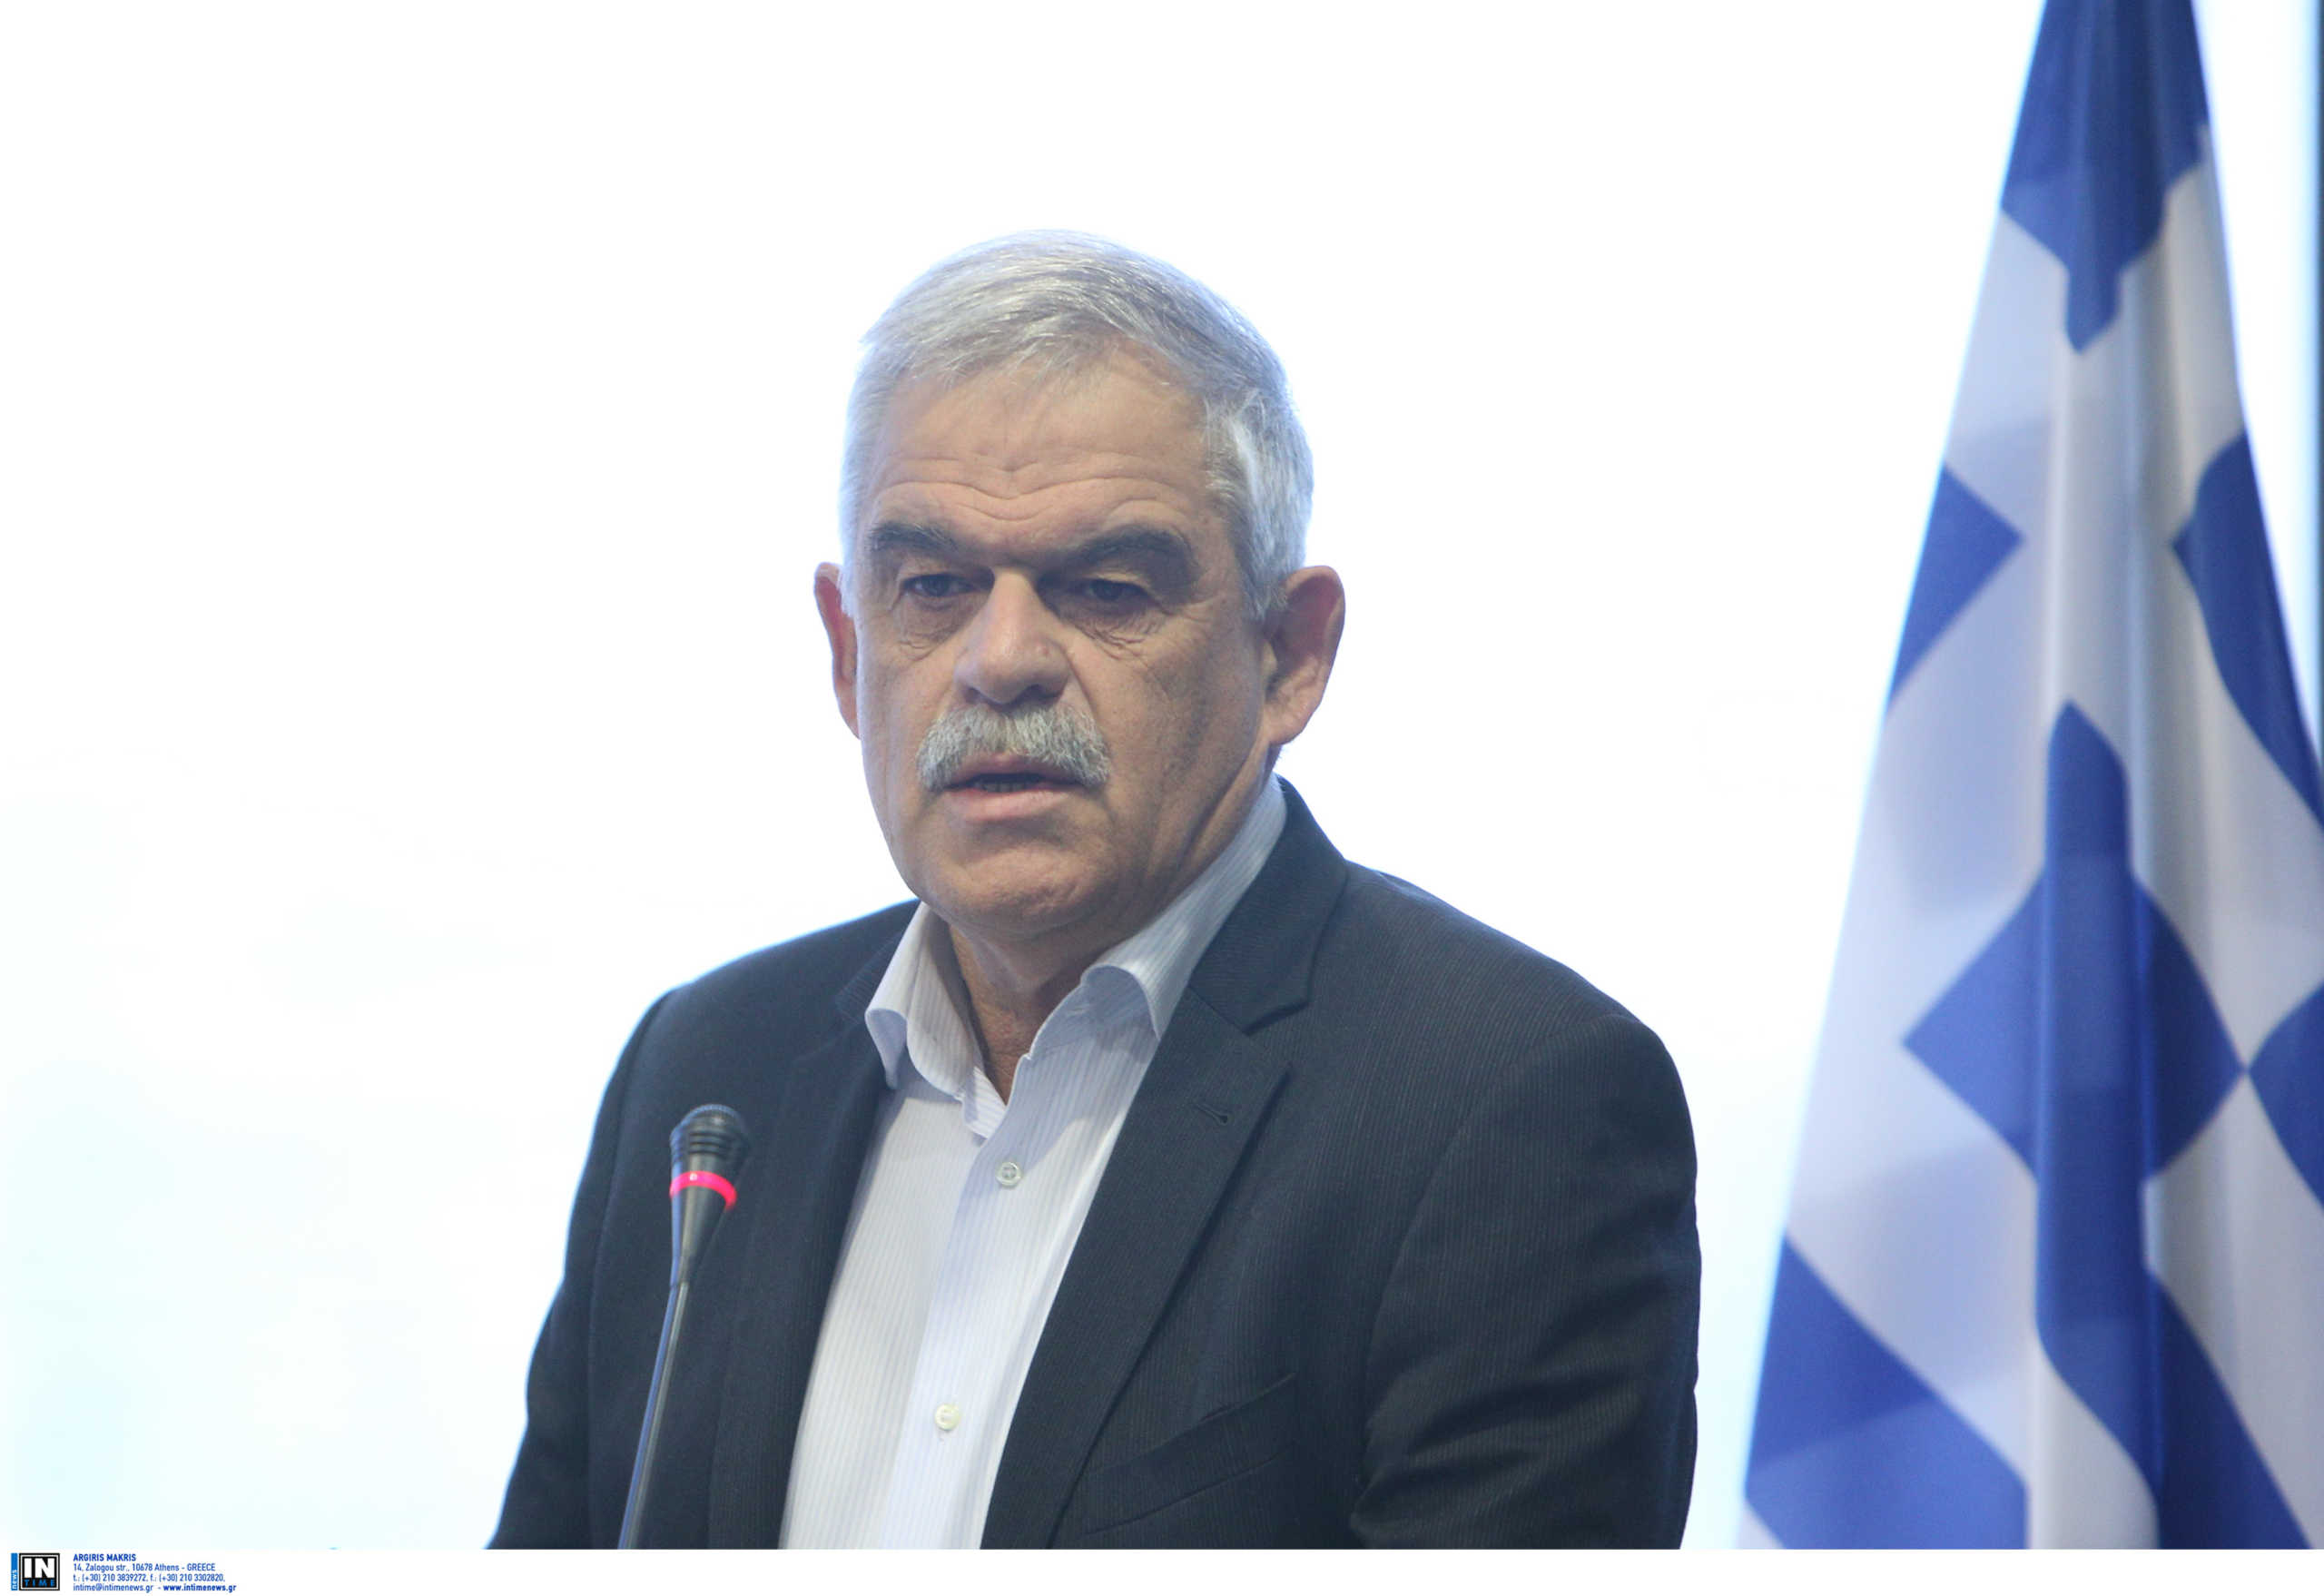 Θύμα κλοπής ο πρώην υπουργός Προστασίας του Πολίτη Νίκος Τόσκας